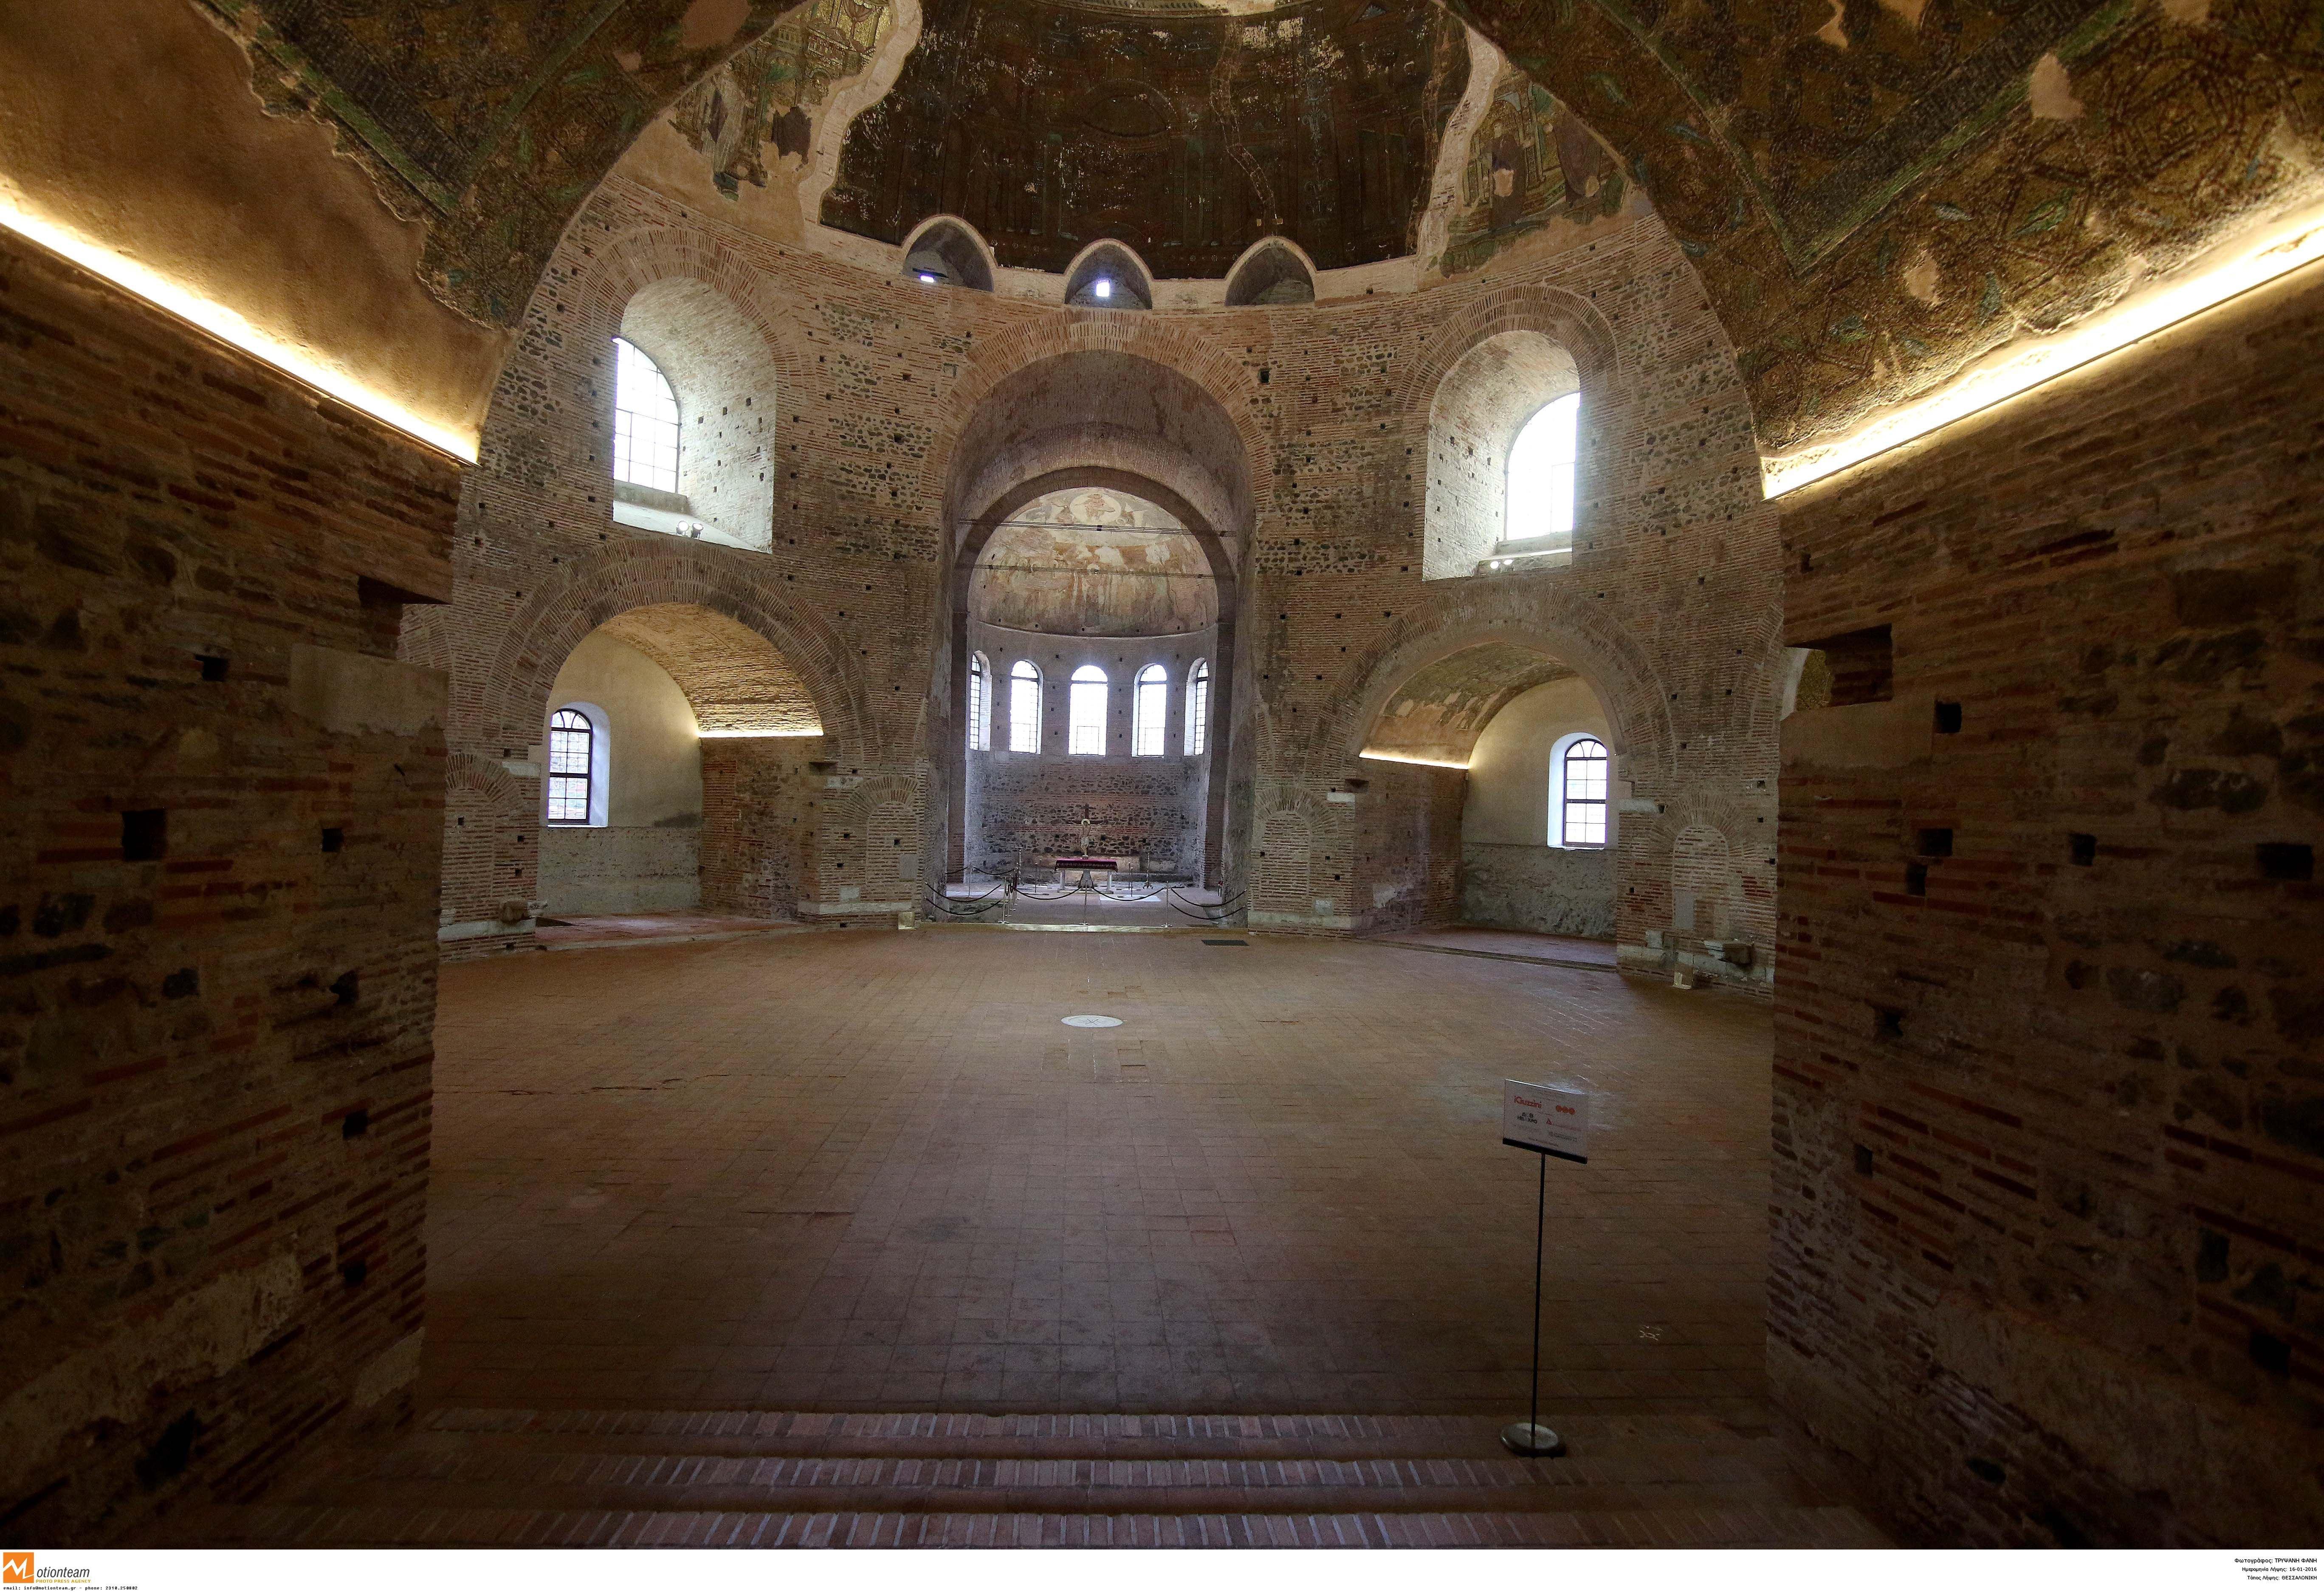 Προσφυγή των αρχαιολόγων στο ΣτΕ ενάντια στη μεταβίβαση των μνημείων στο Υπερταμείο